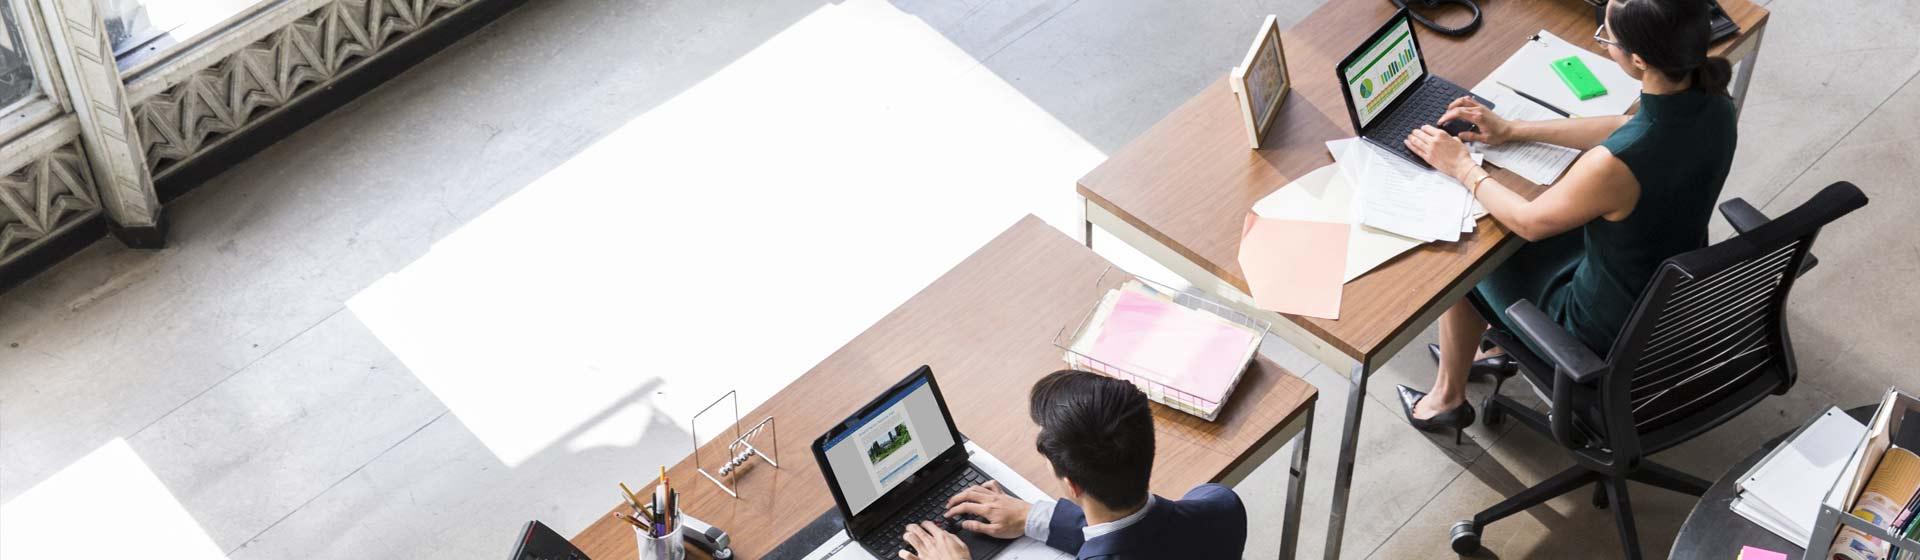 Conseguir un mayor rendimiento: actualizar de Office 2013 a Office 365 hoy